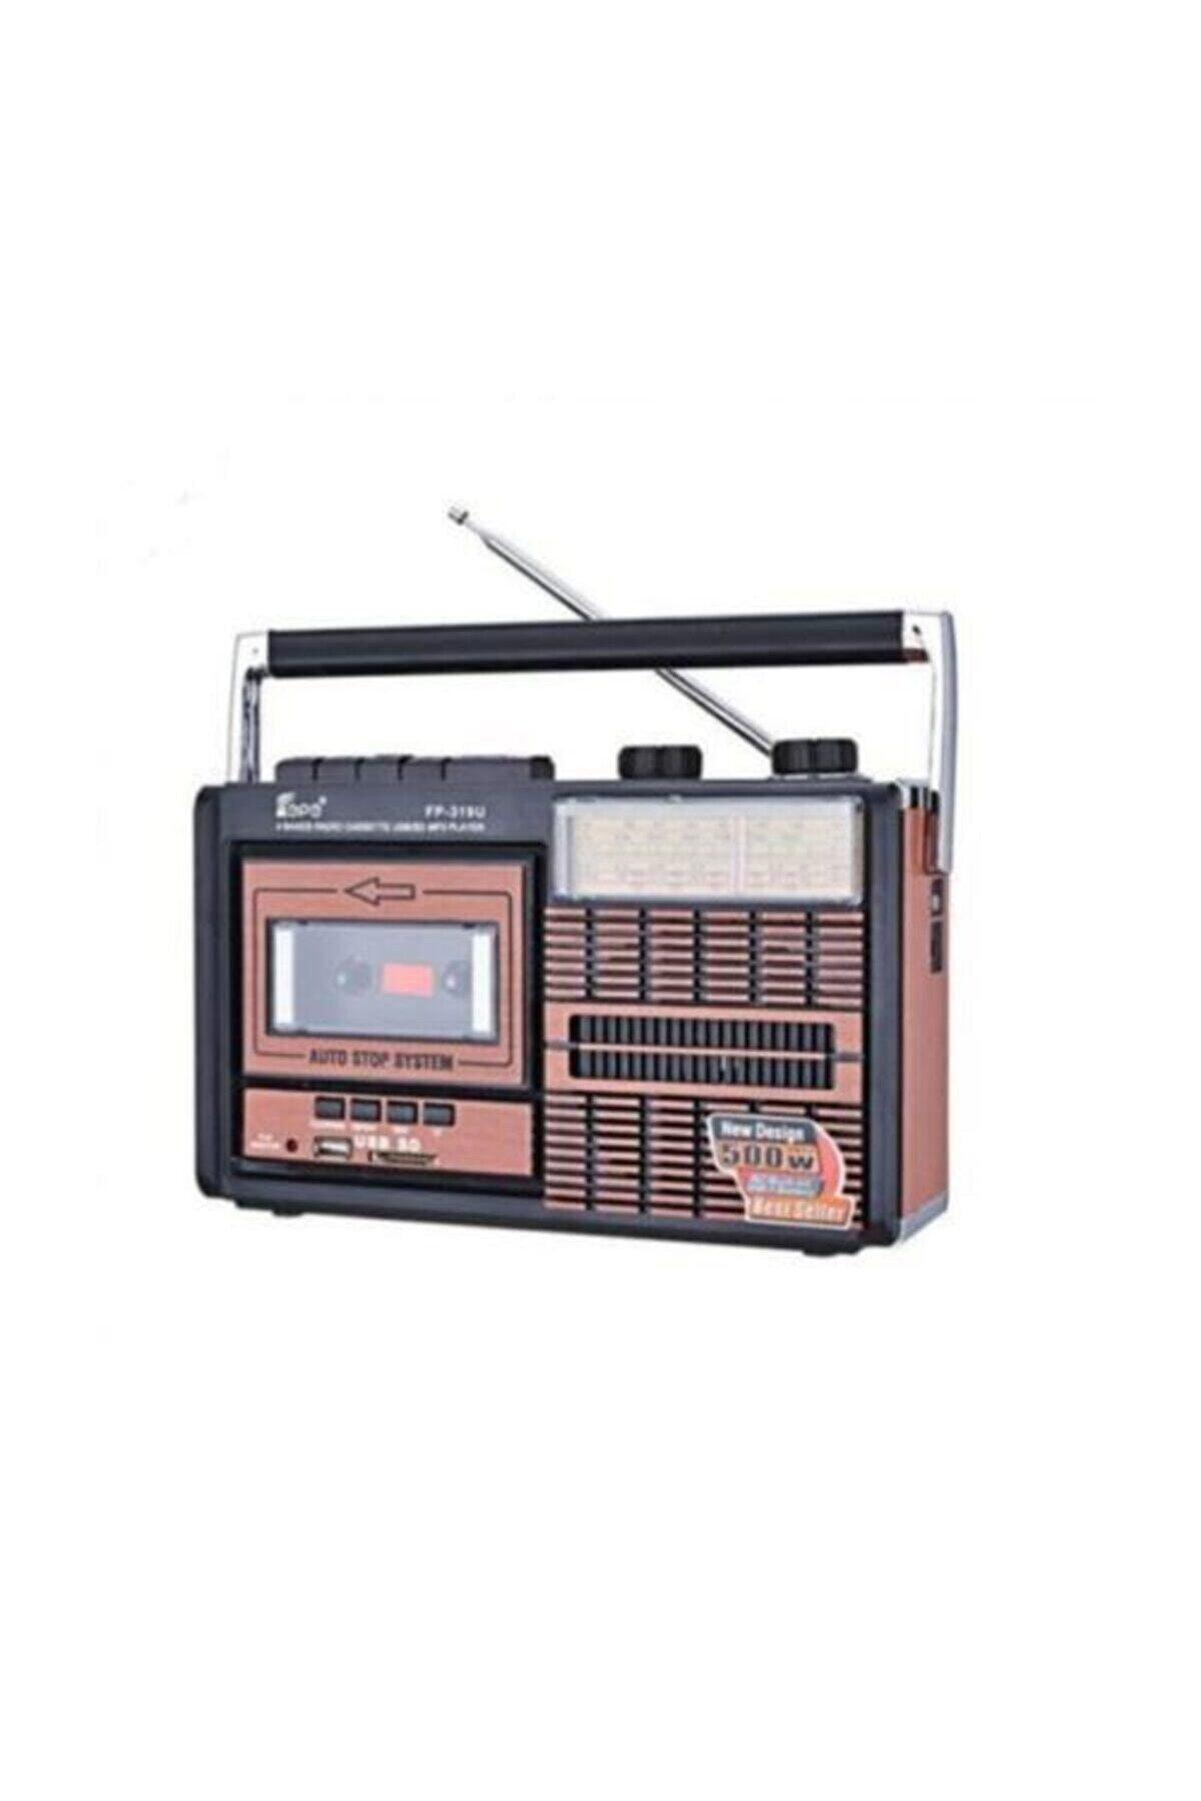 DXL Fp 319 Retro Usb Fm Radyo Kaset Çalar Fp319